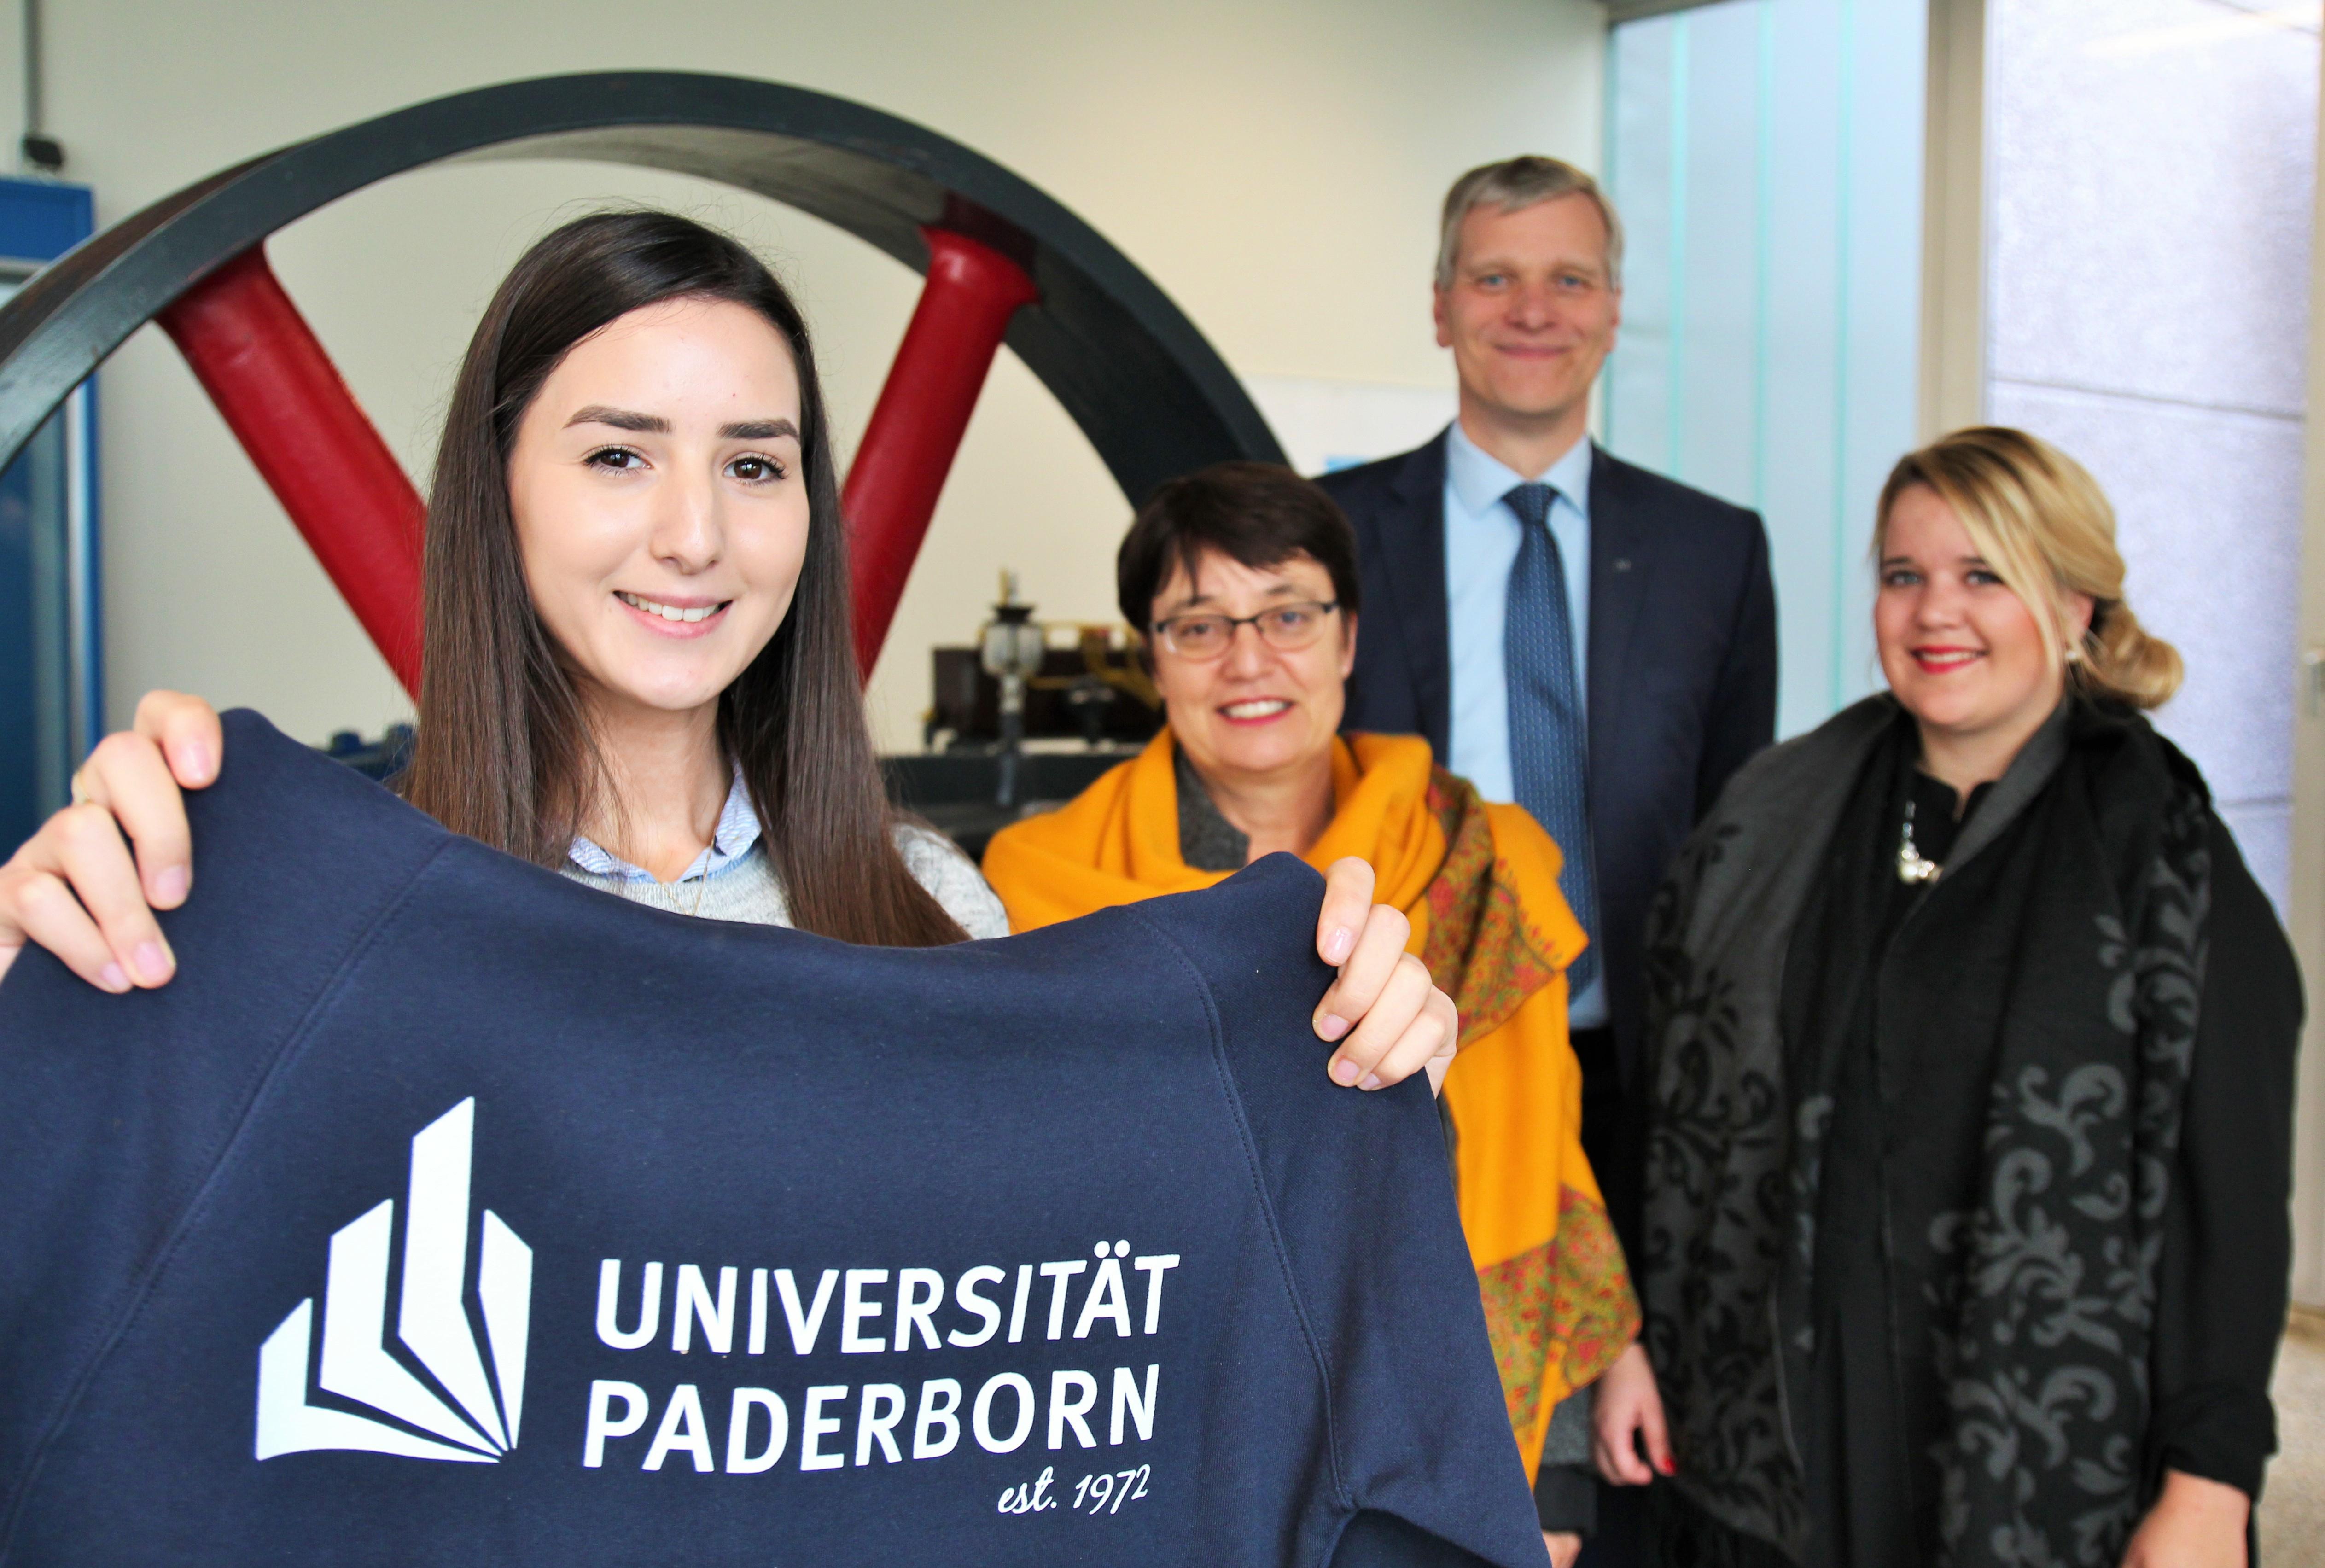 Zahnmedizinisches Zentrum Paderborn universität paderborn nachricht gamze pehlivan ist die 20 000ste